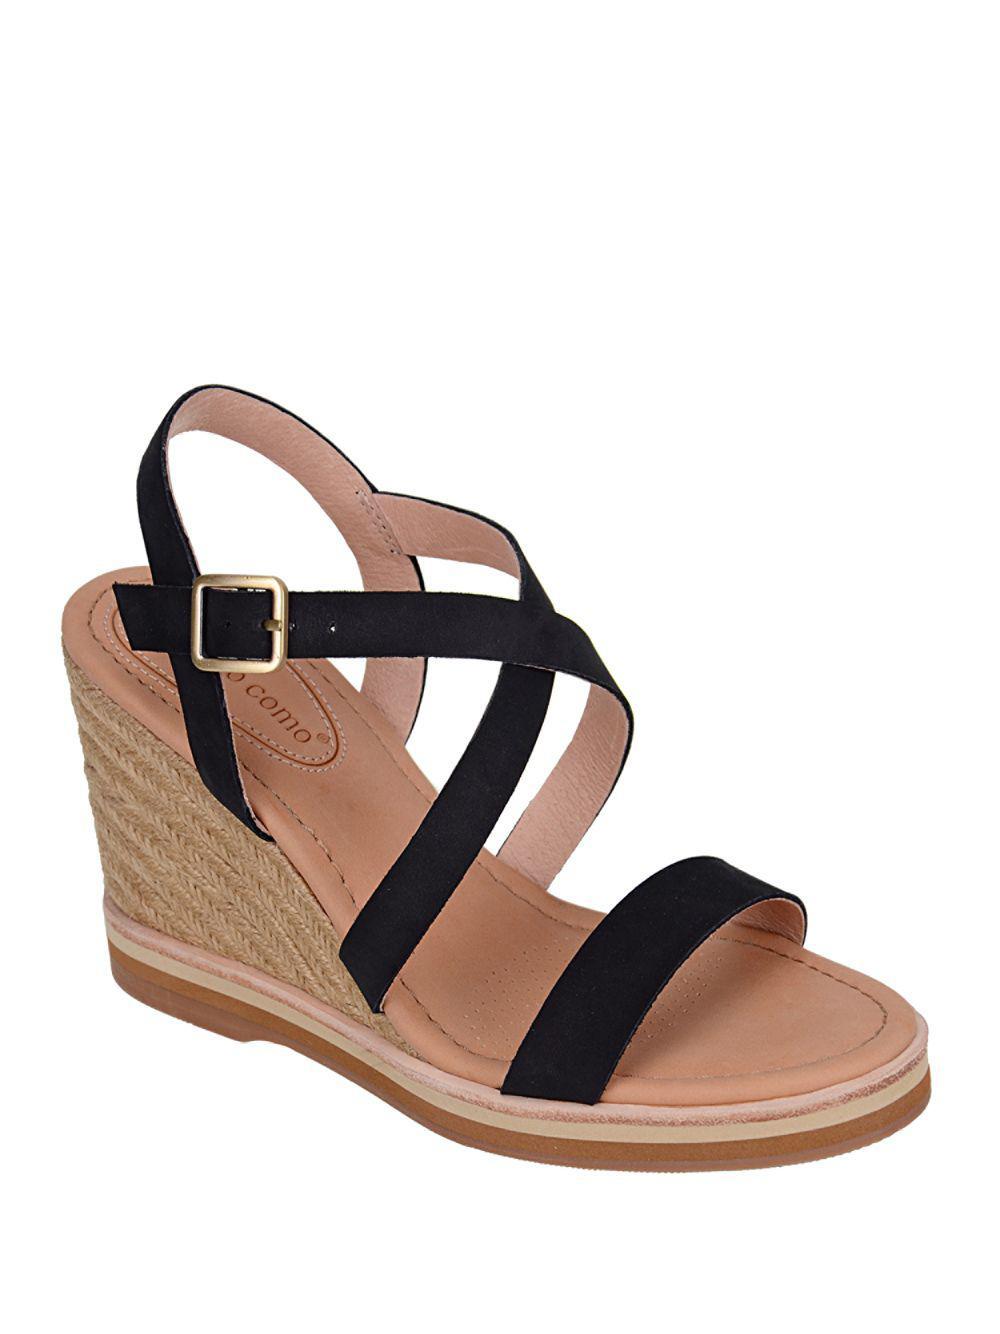 3b0de67ac13 Lyst - Corso Como Gladis Espadrille Wedge Sandals in Black